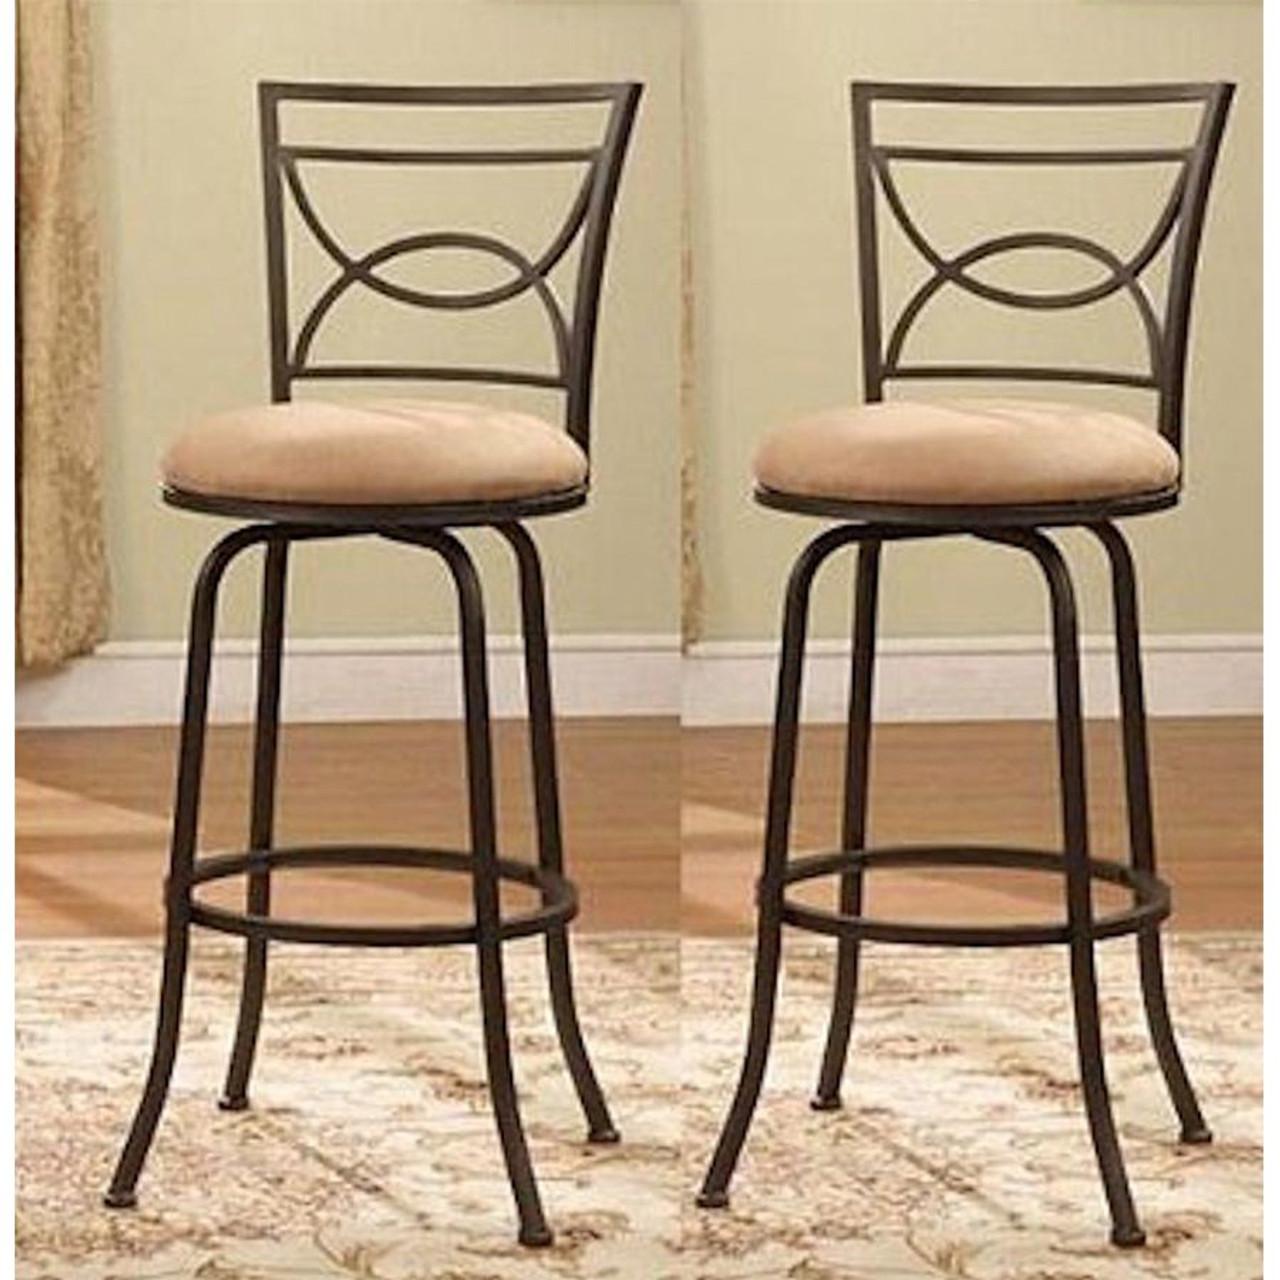 Half Circle Back Adjustable Metal Swivel Barstools  set of 2